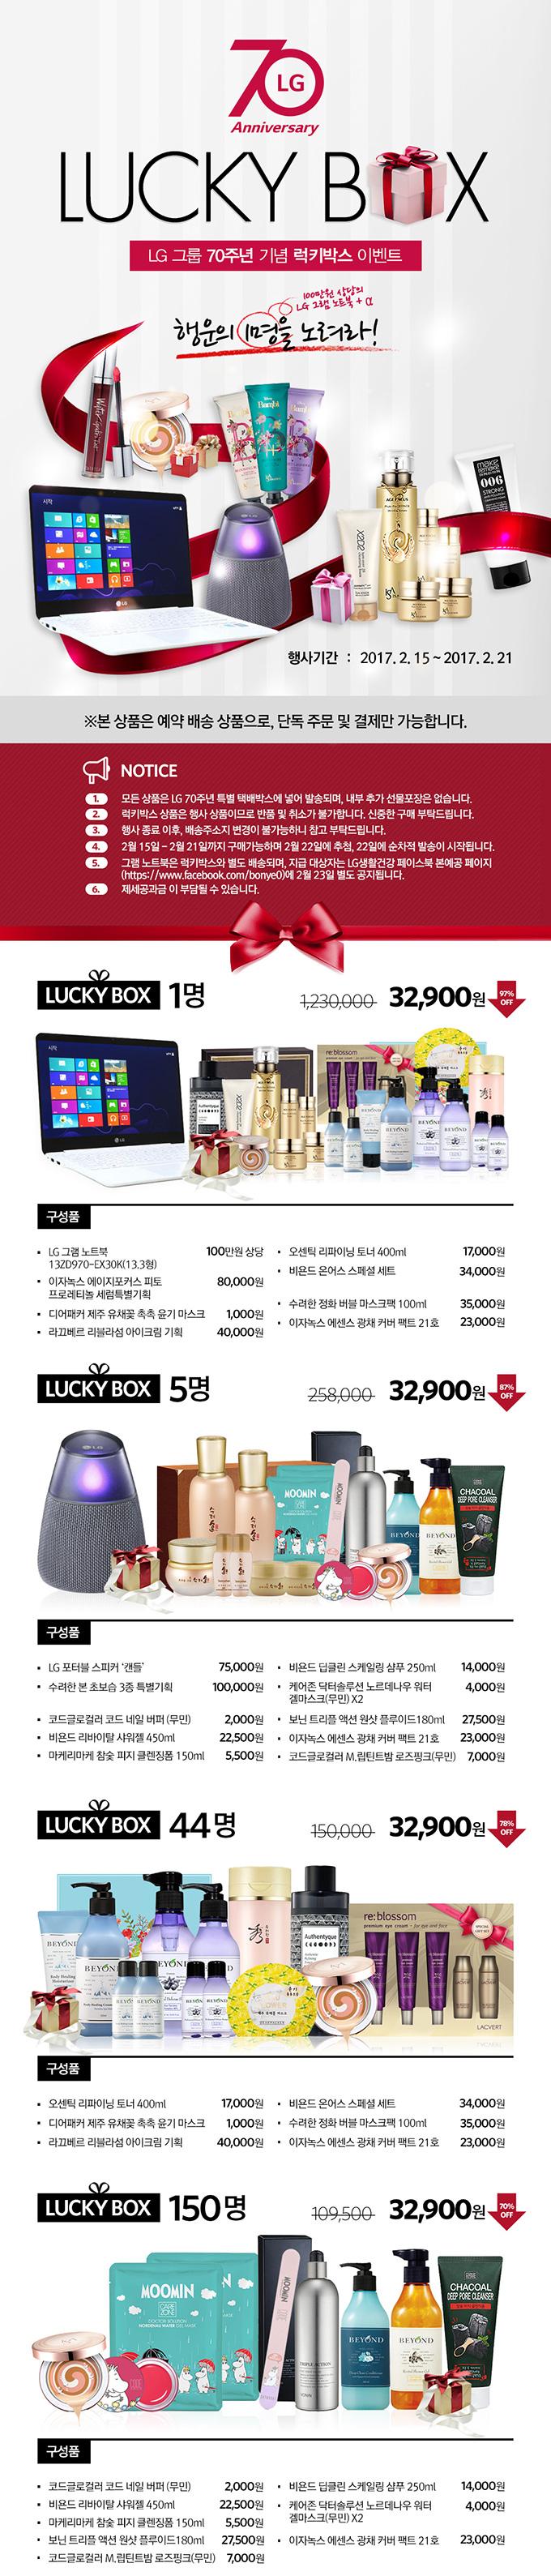 lucky_box.jpg